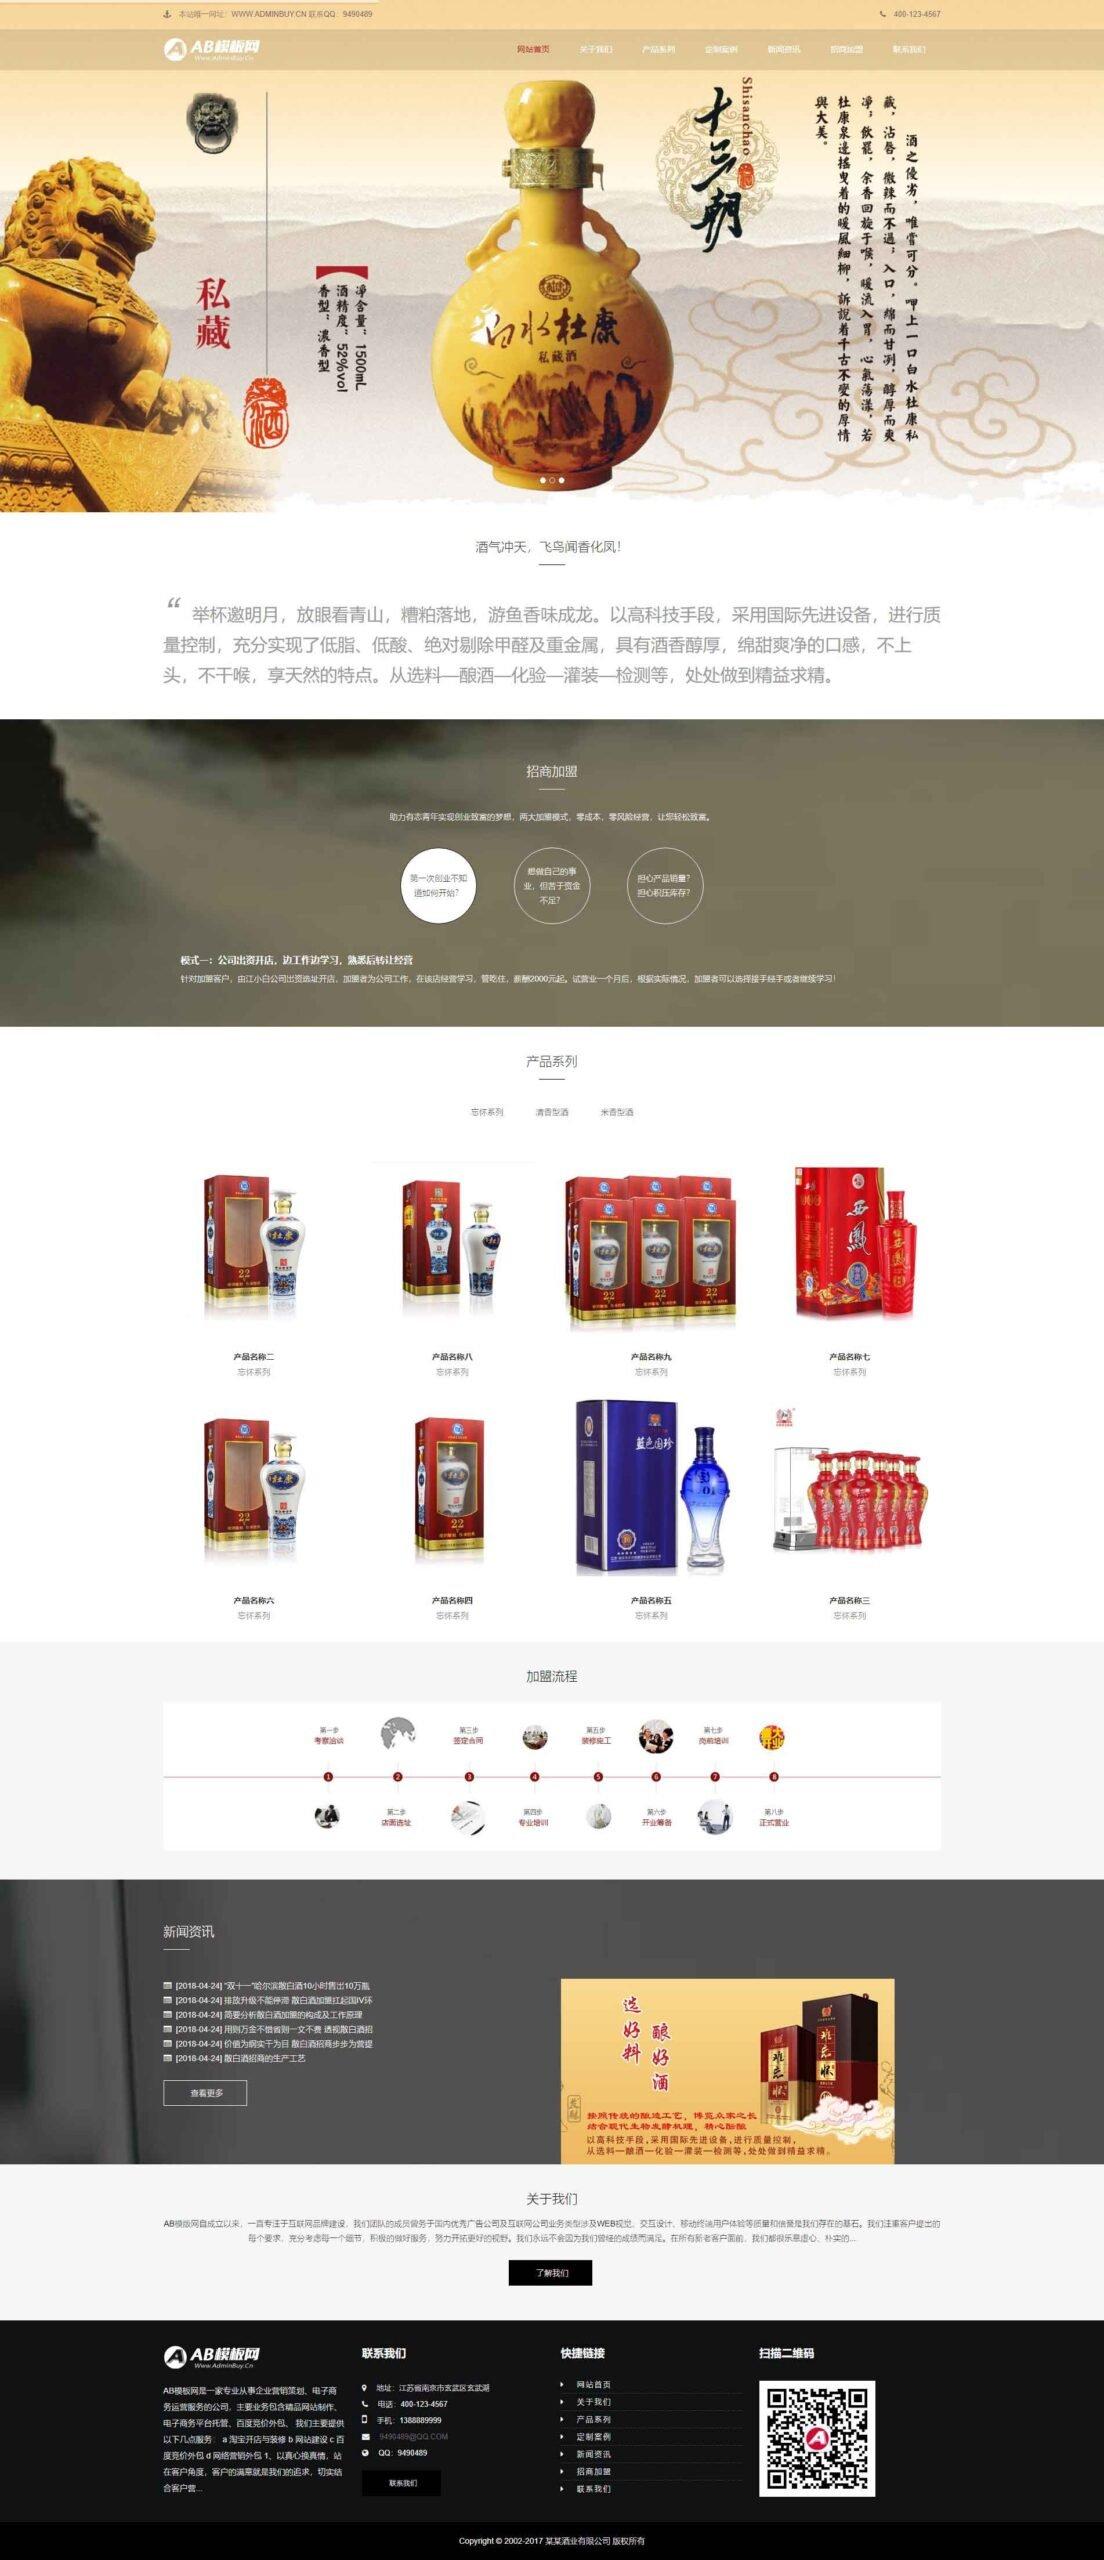 鹤云资源博客-酒业包装设计销售企业网站织梦dede模板源码[自适应手机版]插图